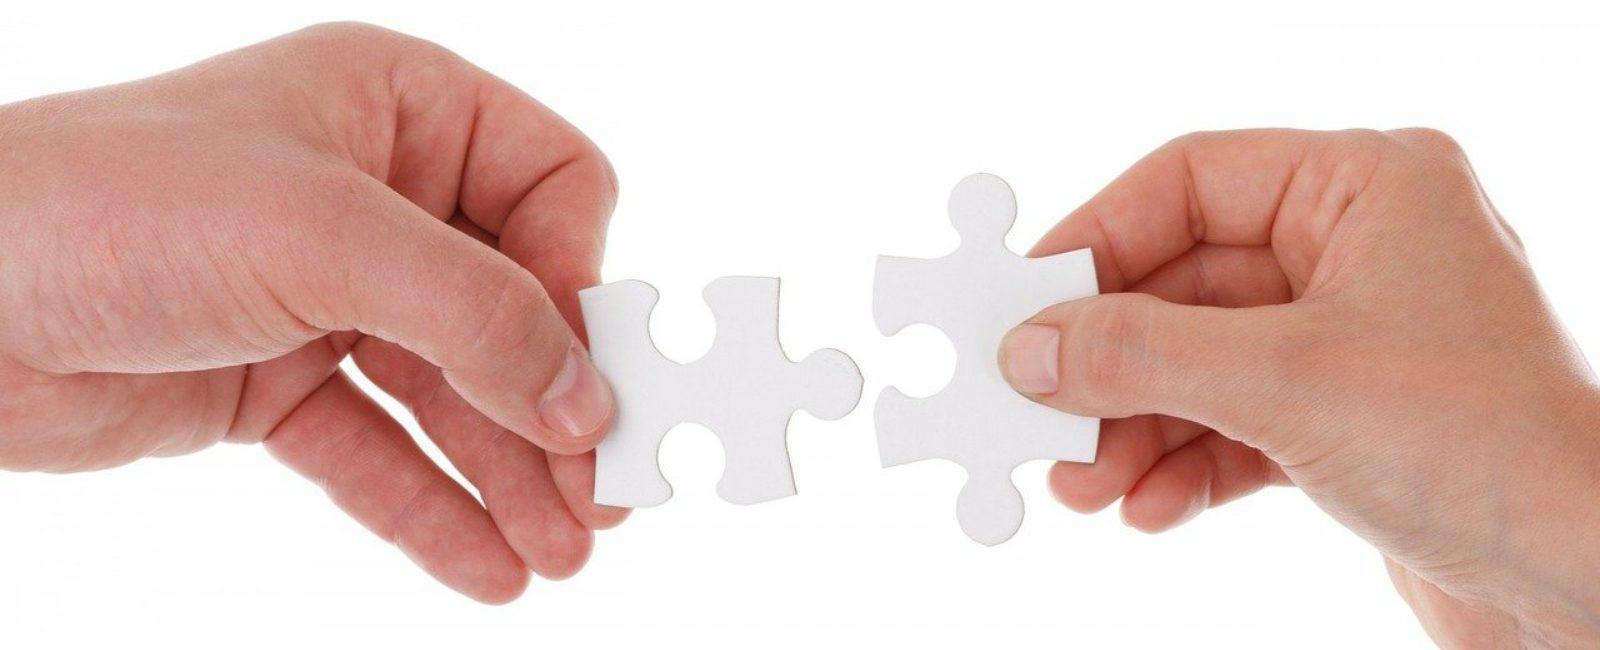 Mit Kompetenz überzeugen – Das MAV-Mitglied in seinen unterschiedlichen Rollen